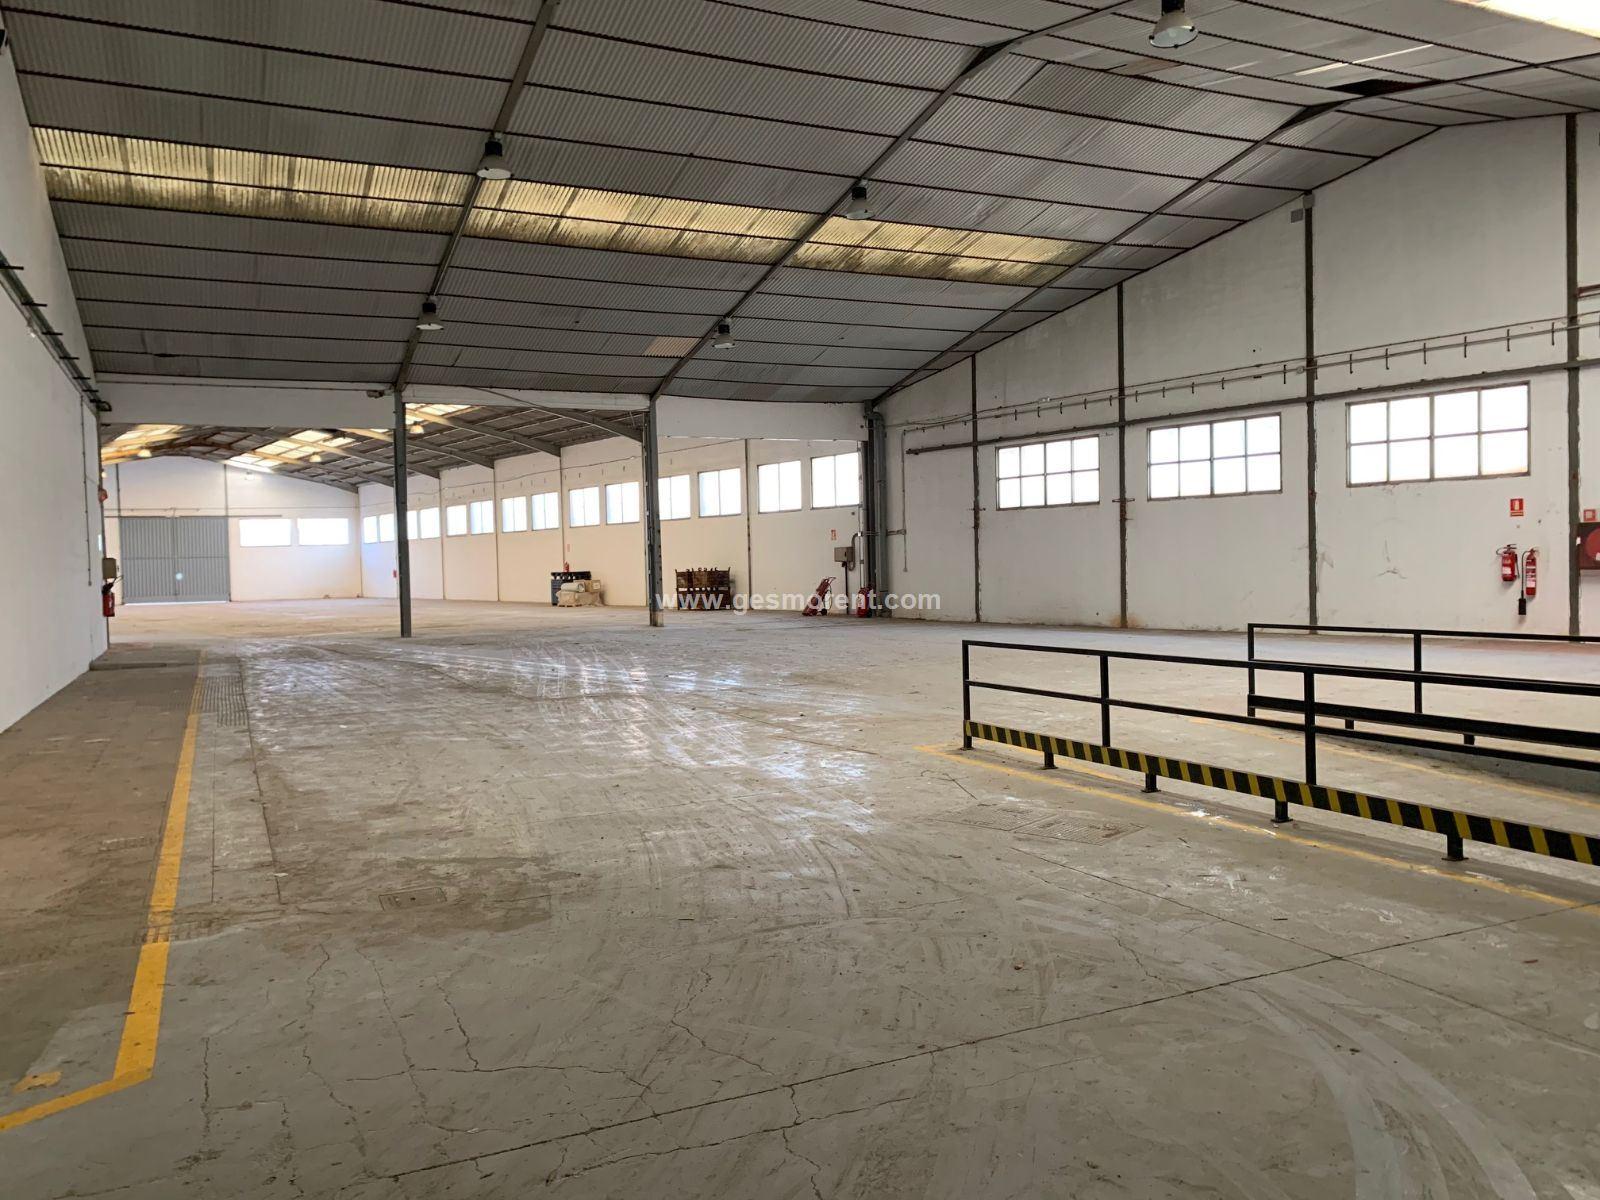 Alquiler Nave industrial  Binissalem - binissalem pueblo. Nave en alquiler en binissalem